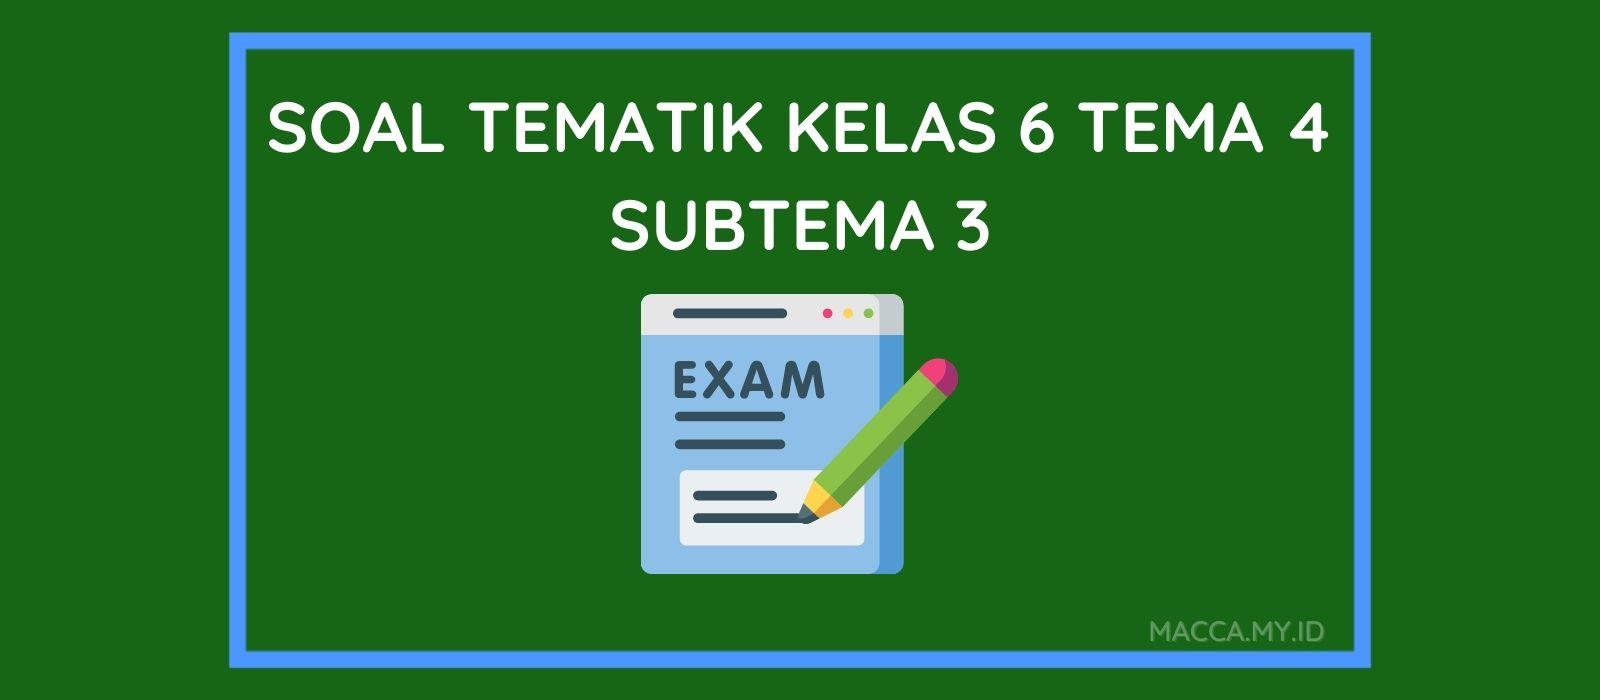 Soal Tematik Kelas 6 Tema 4 Subtema 3 dan Kunci Jawaban